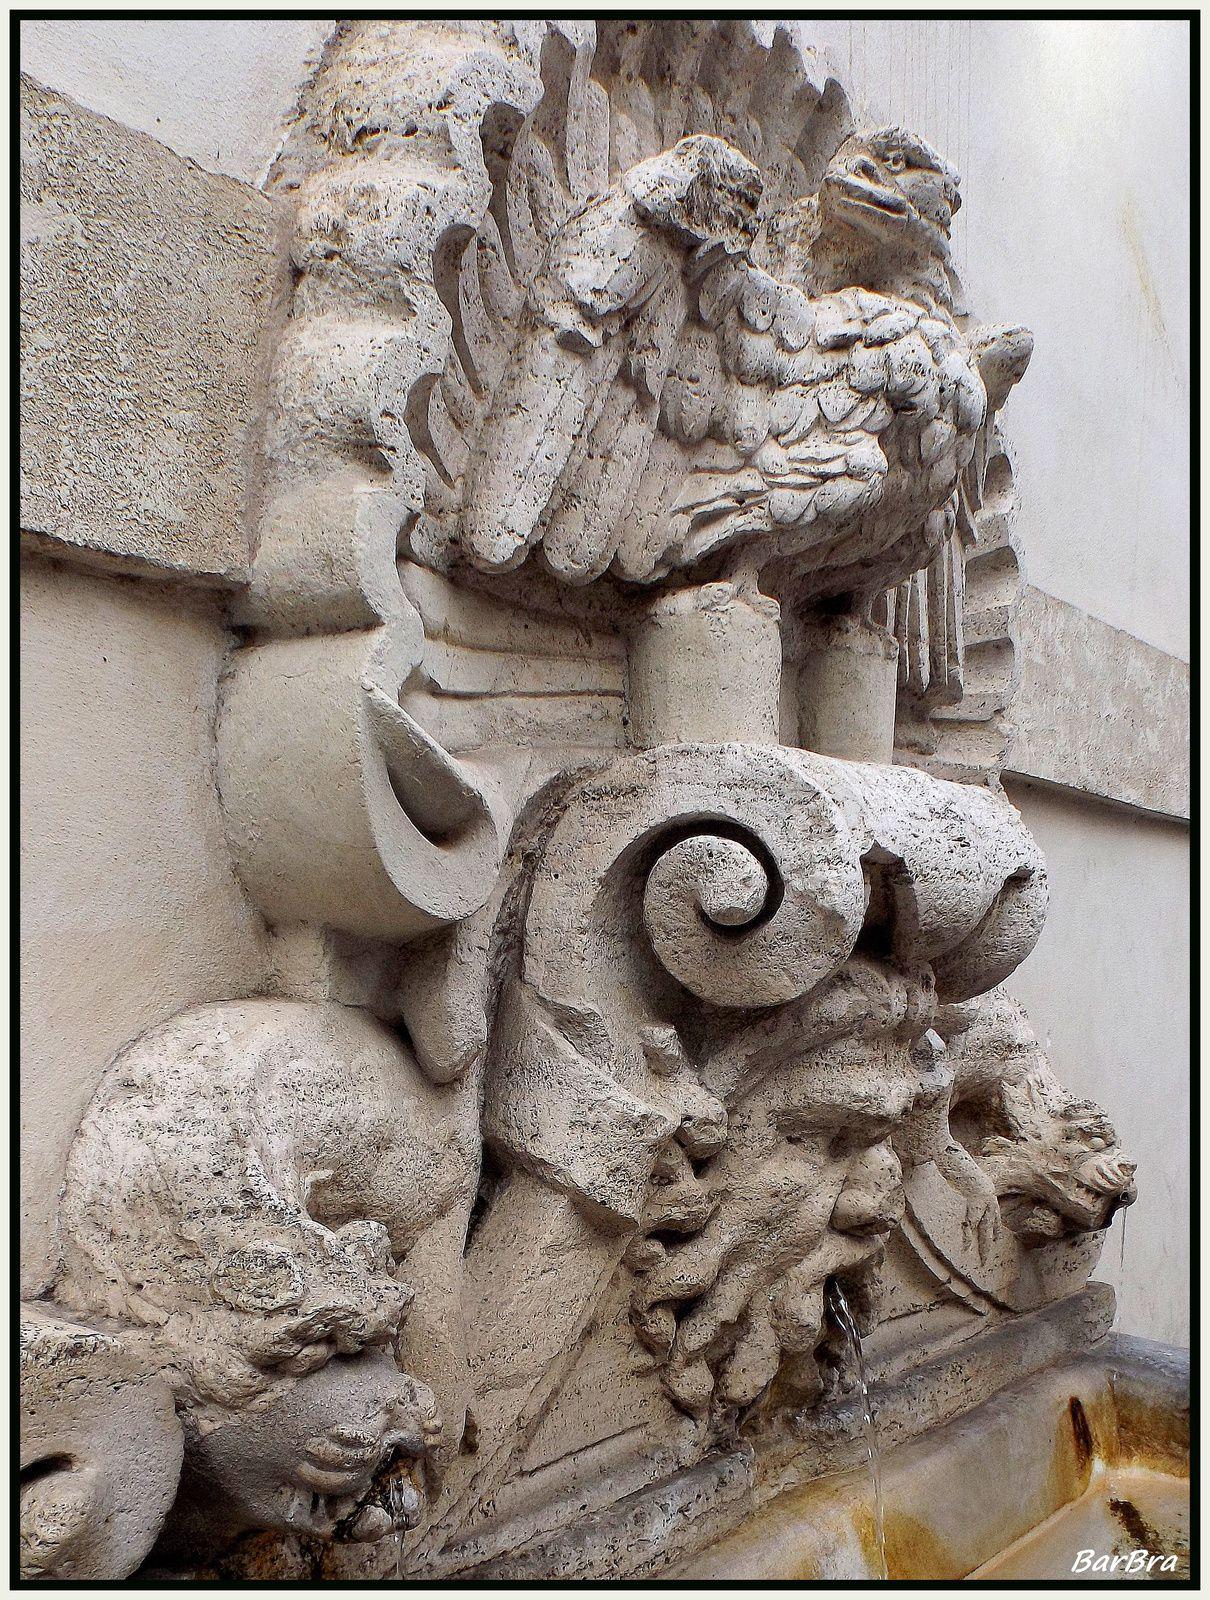 Troviamo raffigurati gli elementi araldici della famiglia del pontefice: dalla valva di una pesante e massiccia conchiglia emerge l'aquila borghese, dall'aspetto non molto rapace,